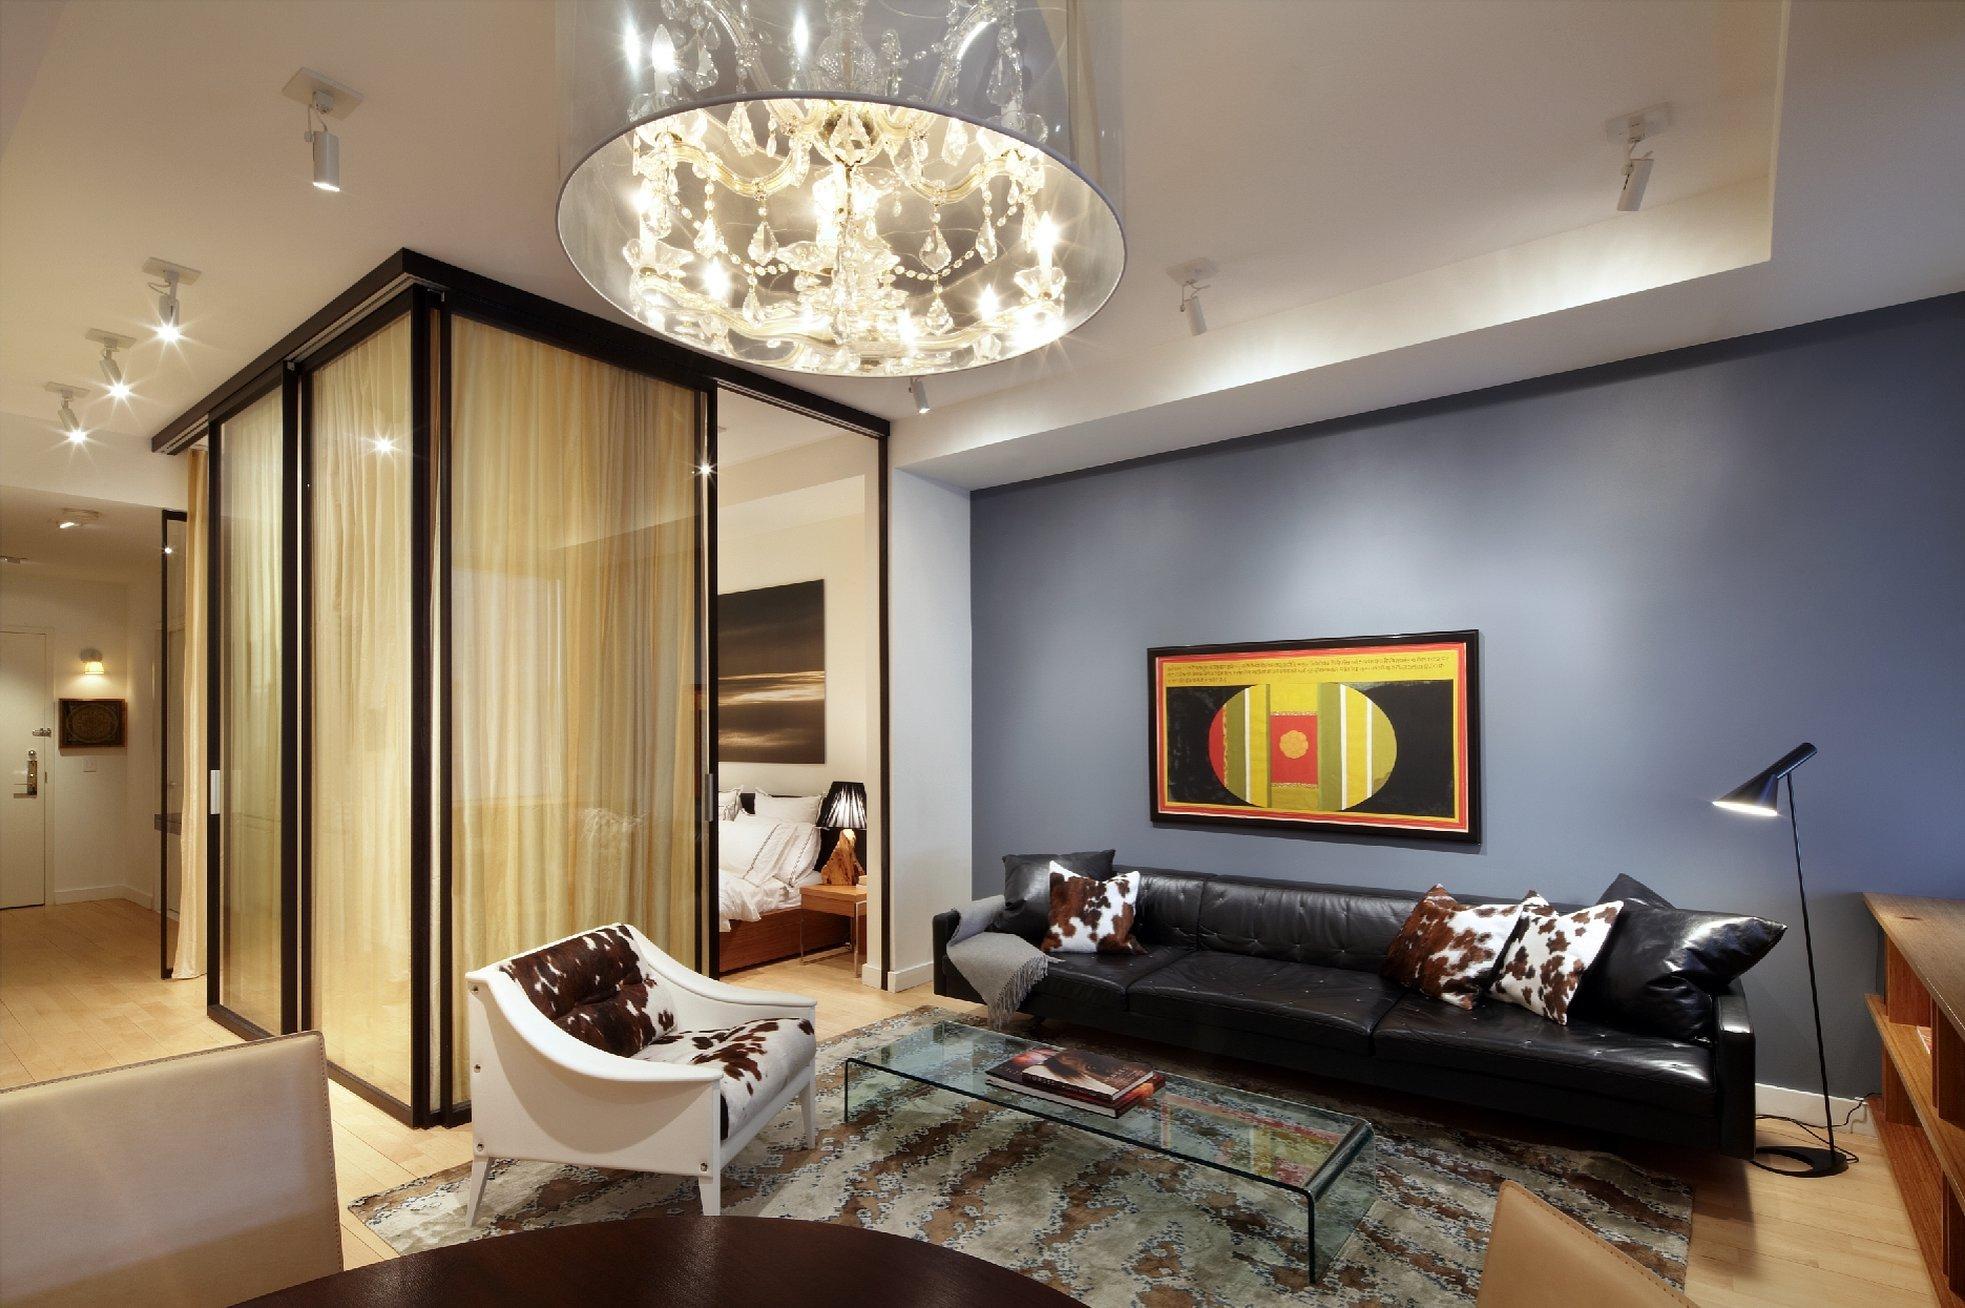 Спальня гостиная с одной люстрой